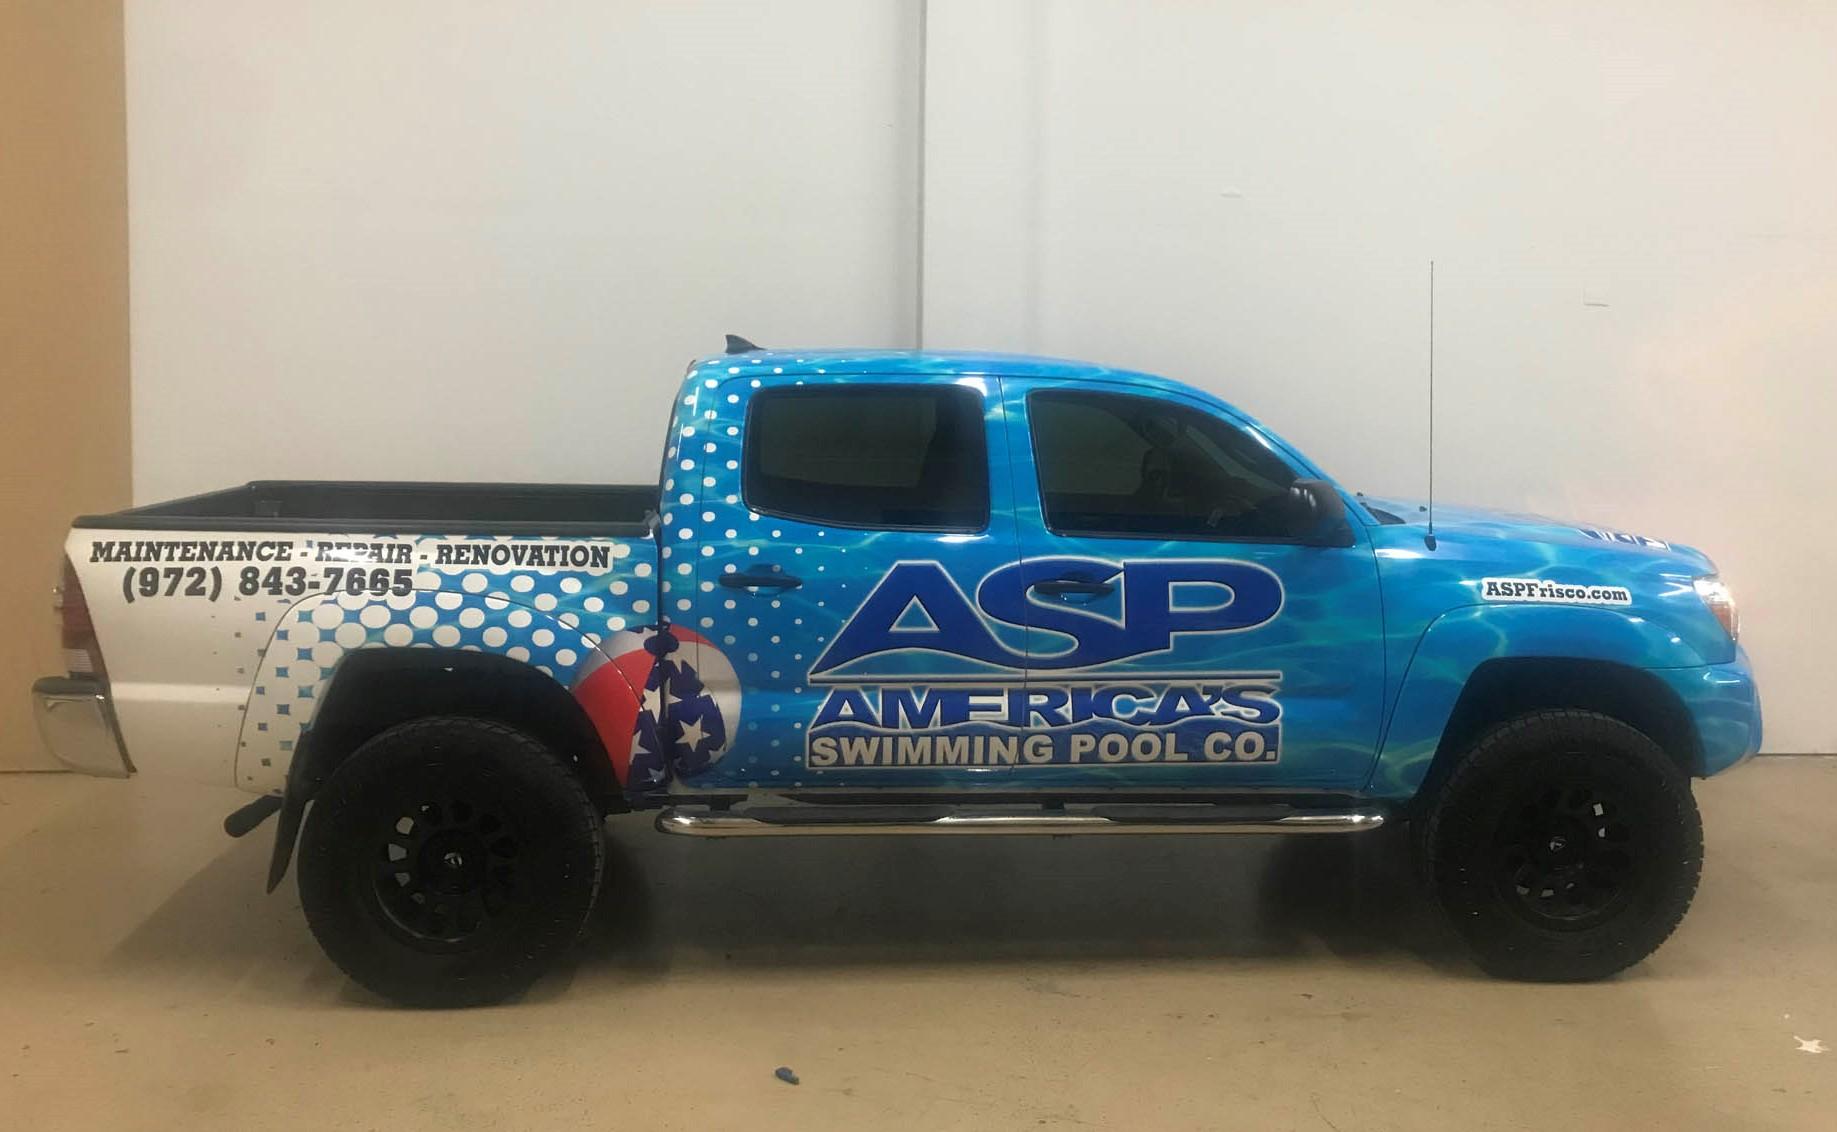 ASP Pool Services Toyota Tacoma Wrap